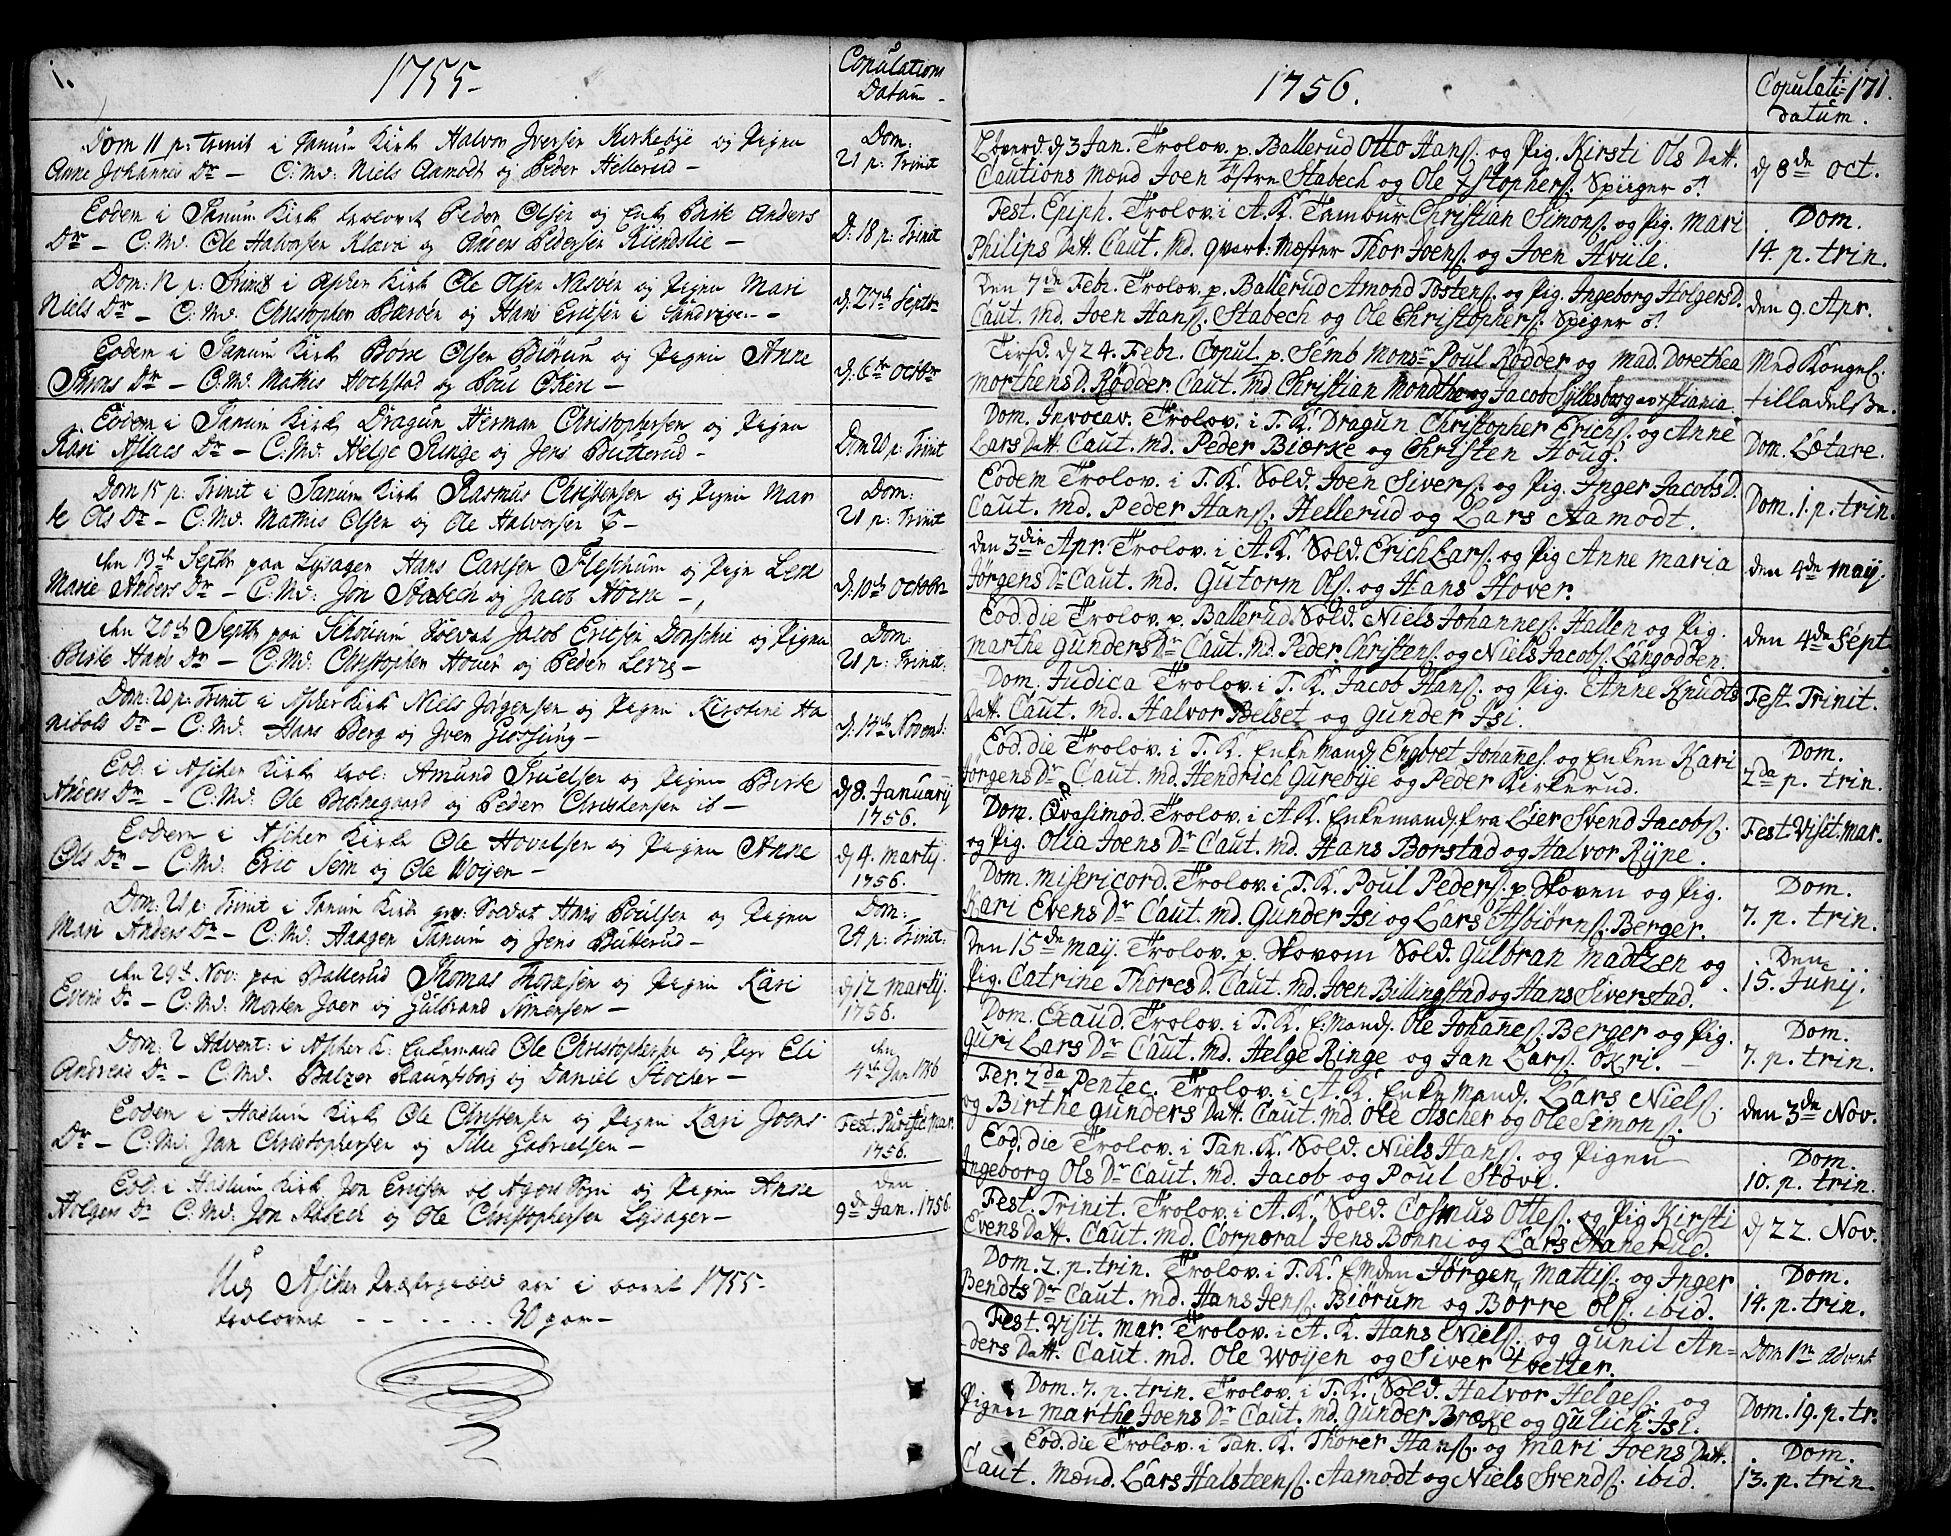 SAO, Asker prestekontor Kirkebøker, F/Fa/L0002: Ministerialbok nr. I 2, 1733-1766, s. 171